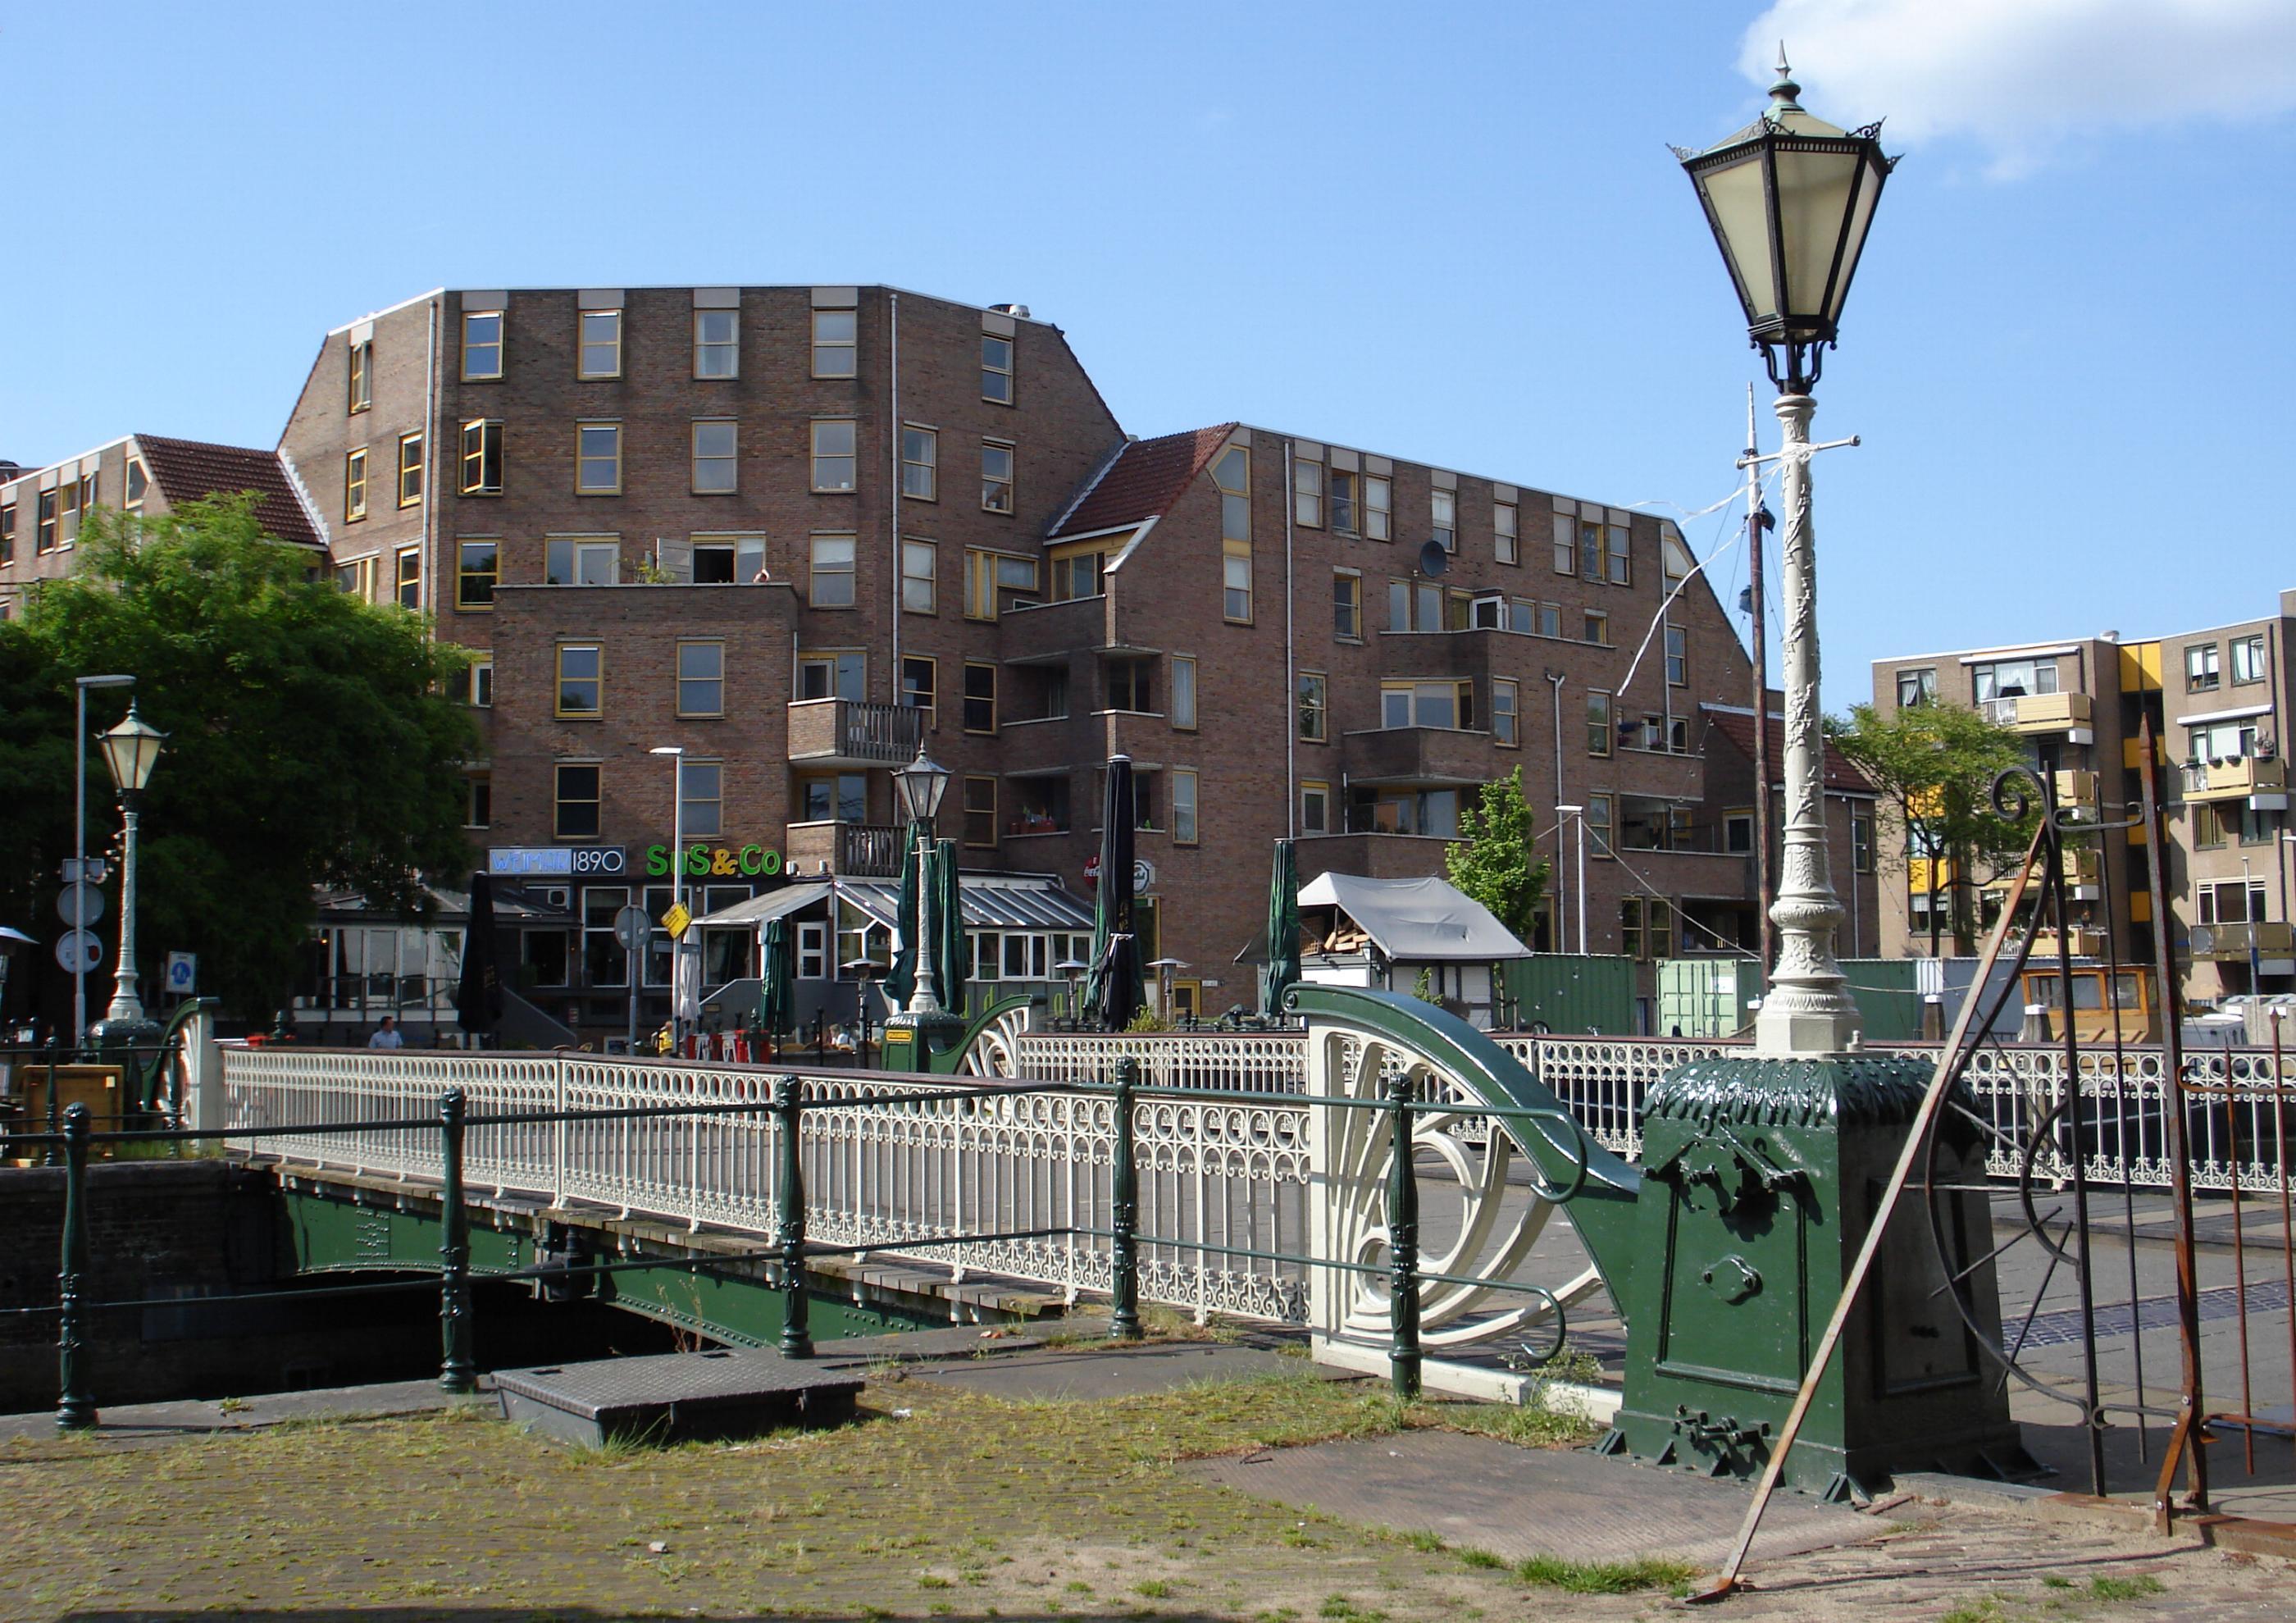 Spanjaardsbrug in rotterdam monument for De lantaarn rotterdam